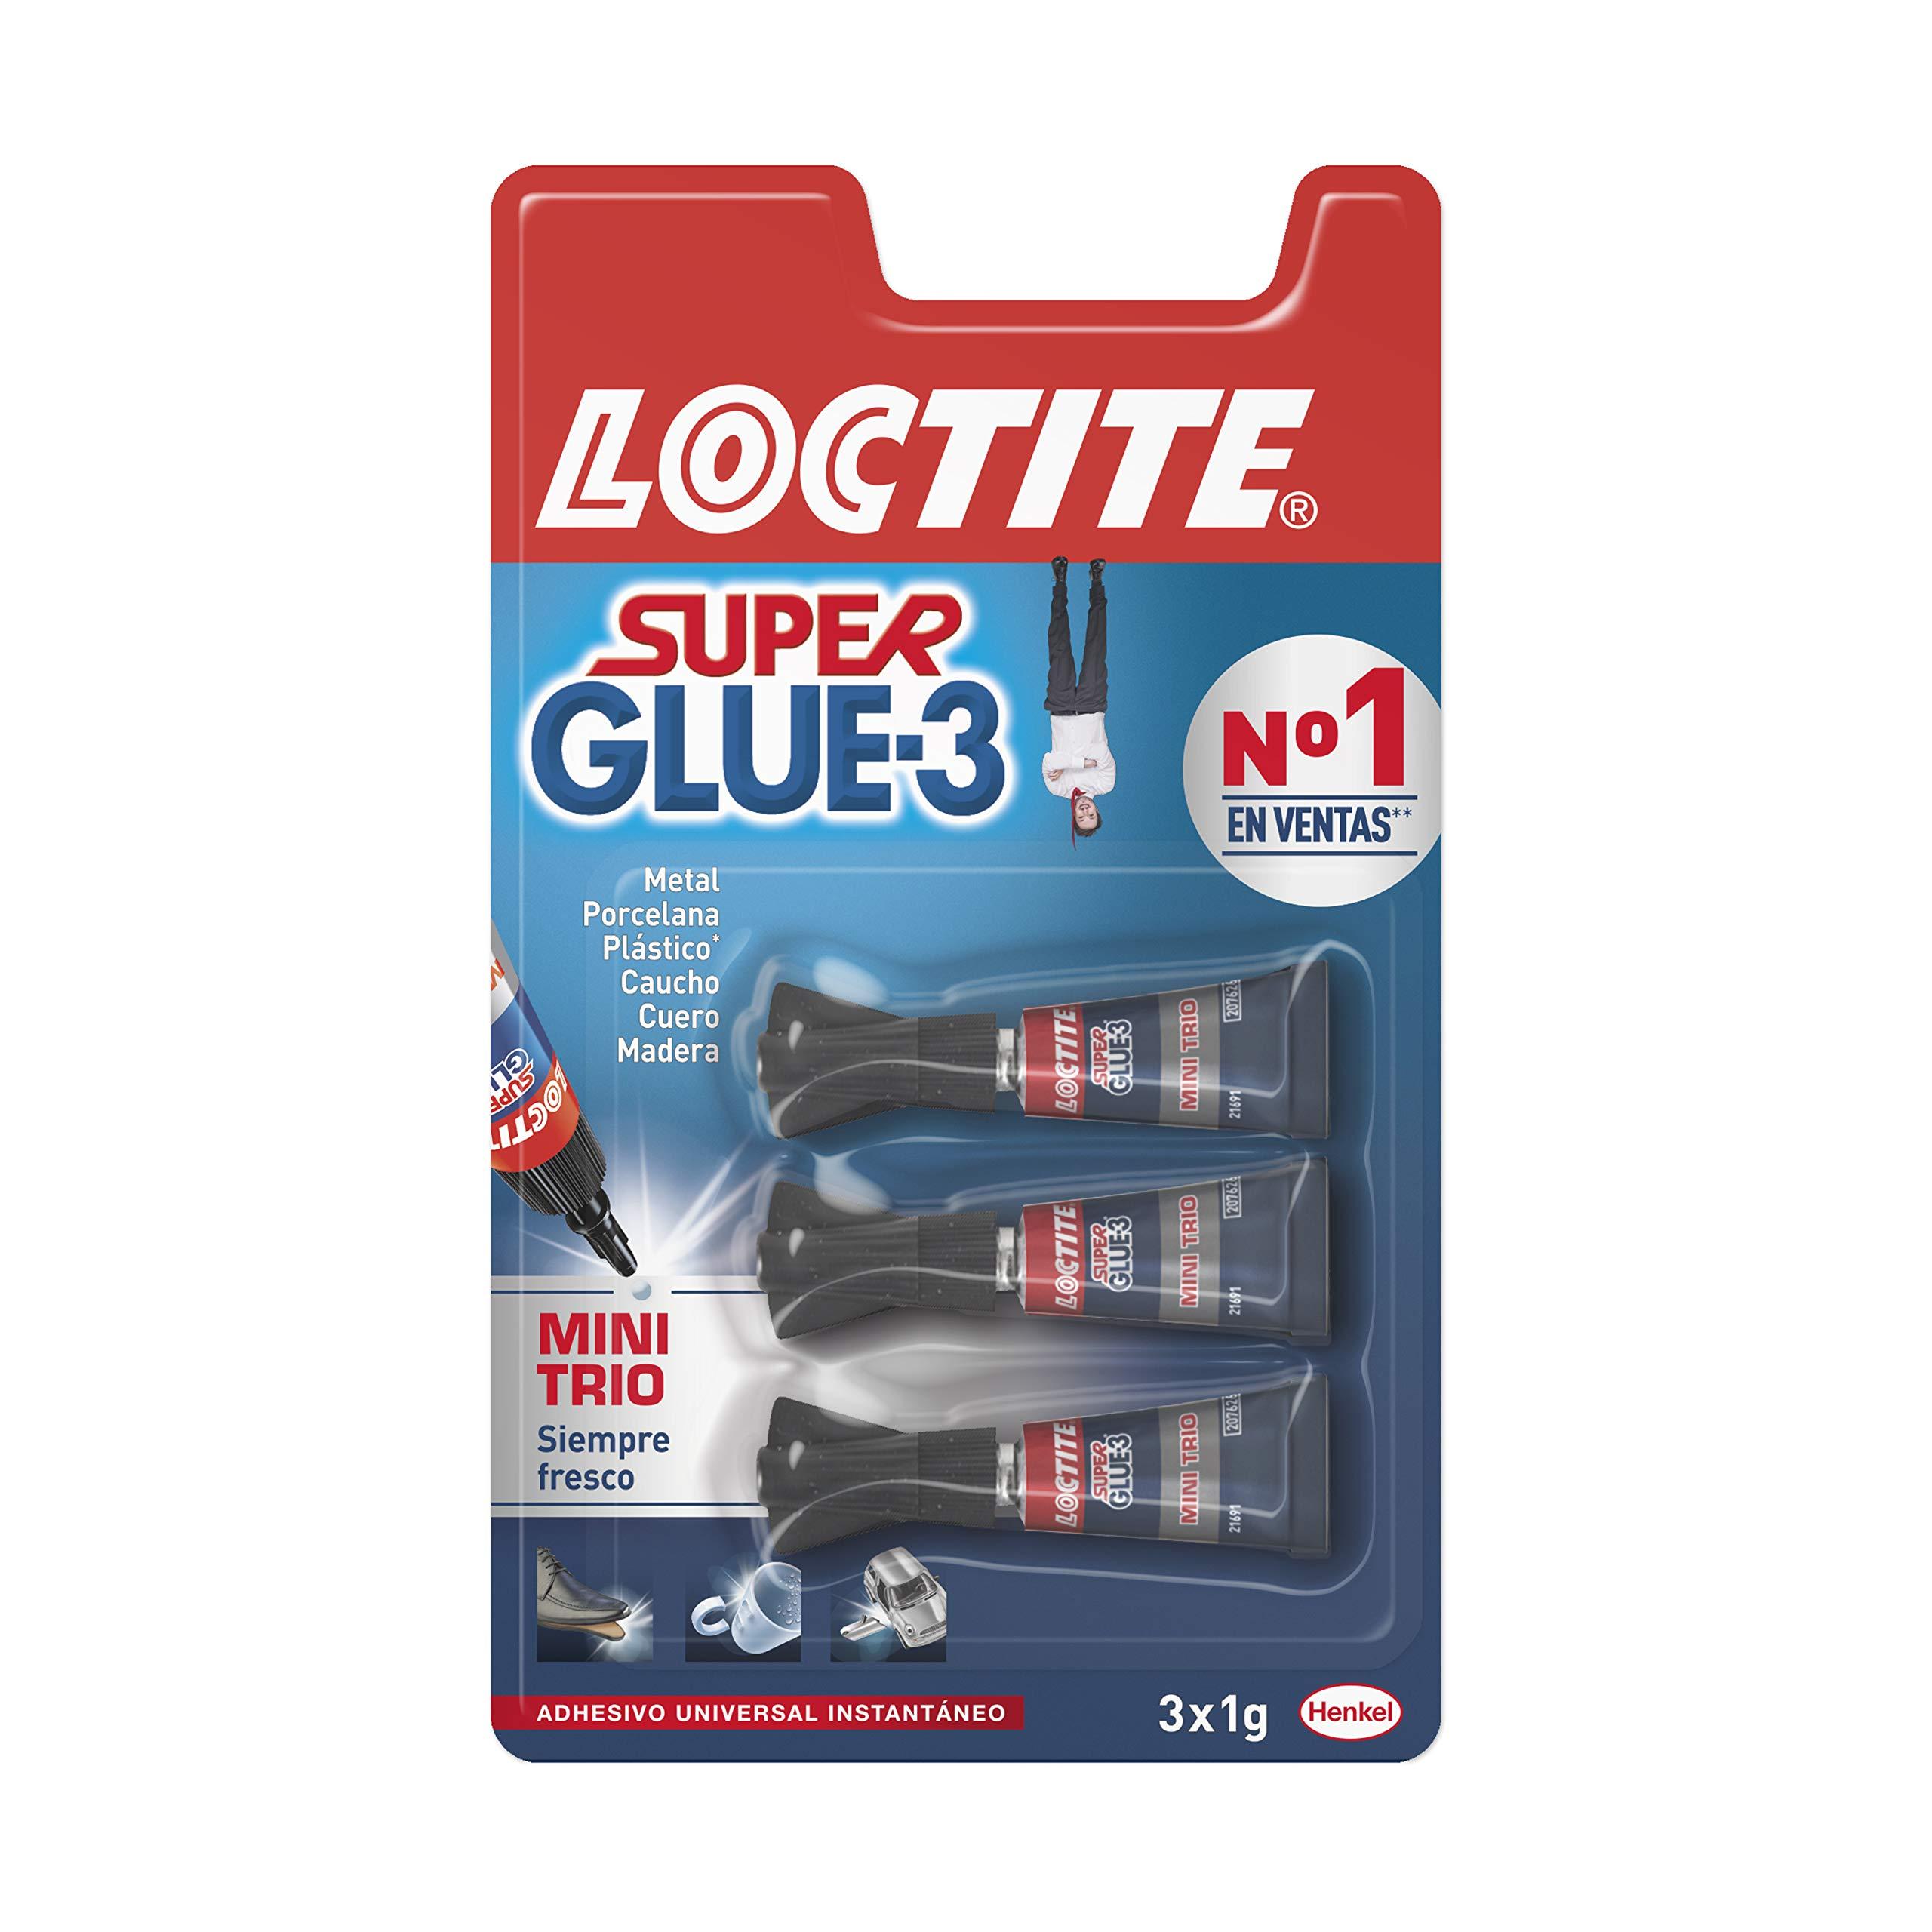 Loctite Super Glue-3 Original Mini Trio, pegamento universal con ...